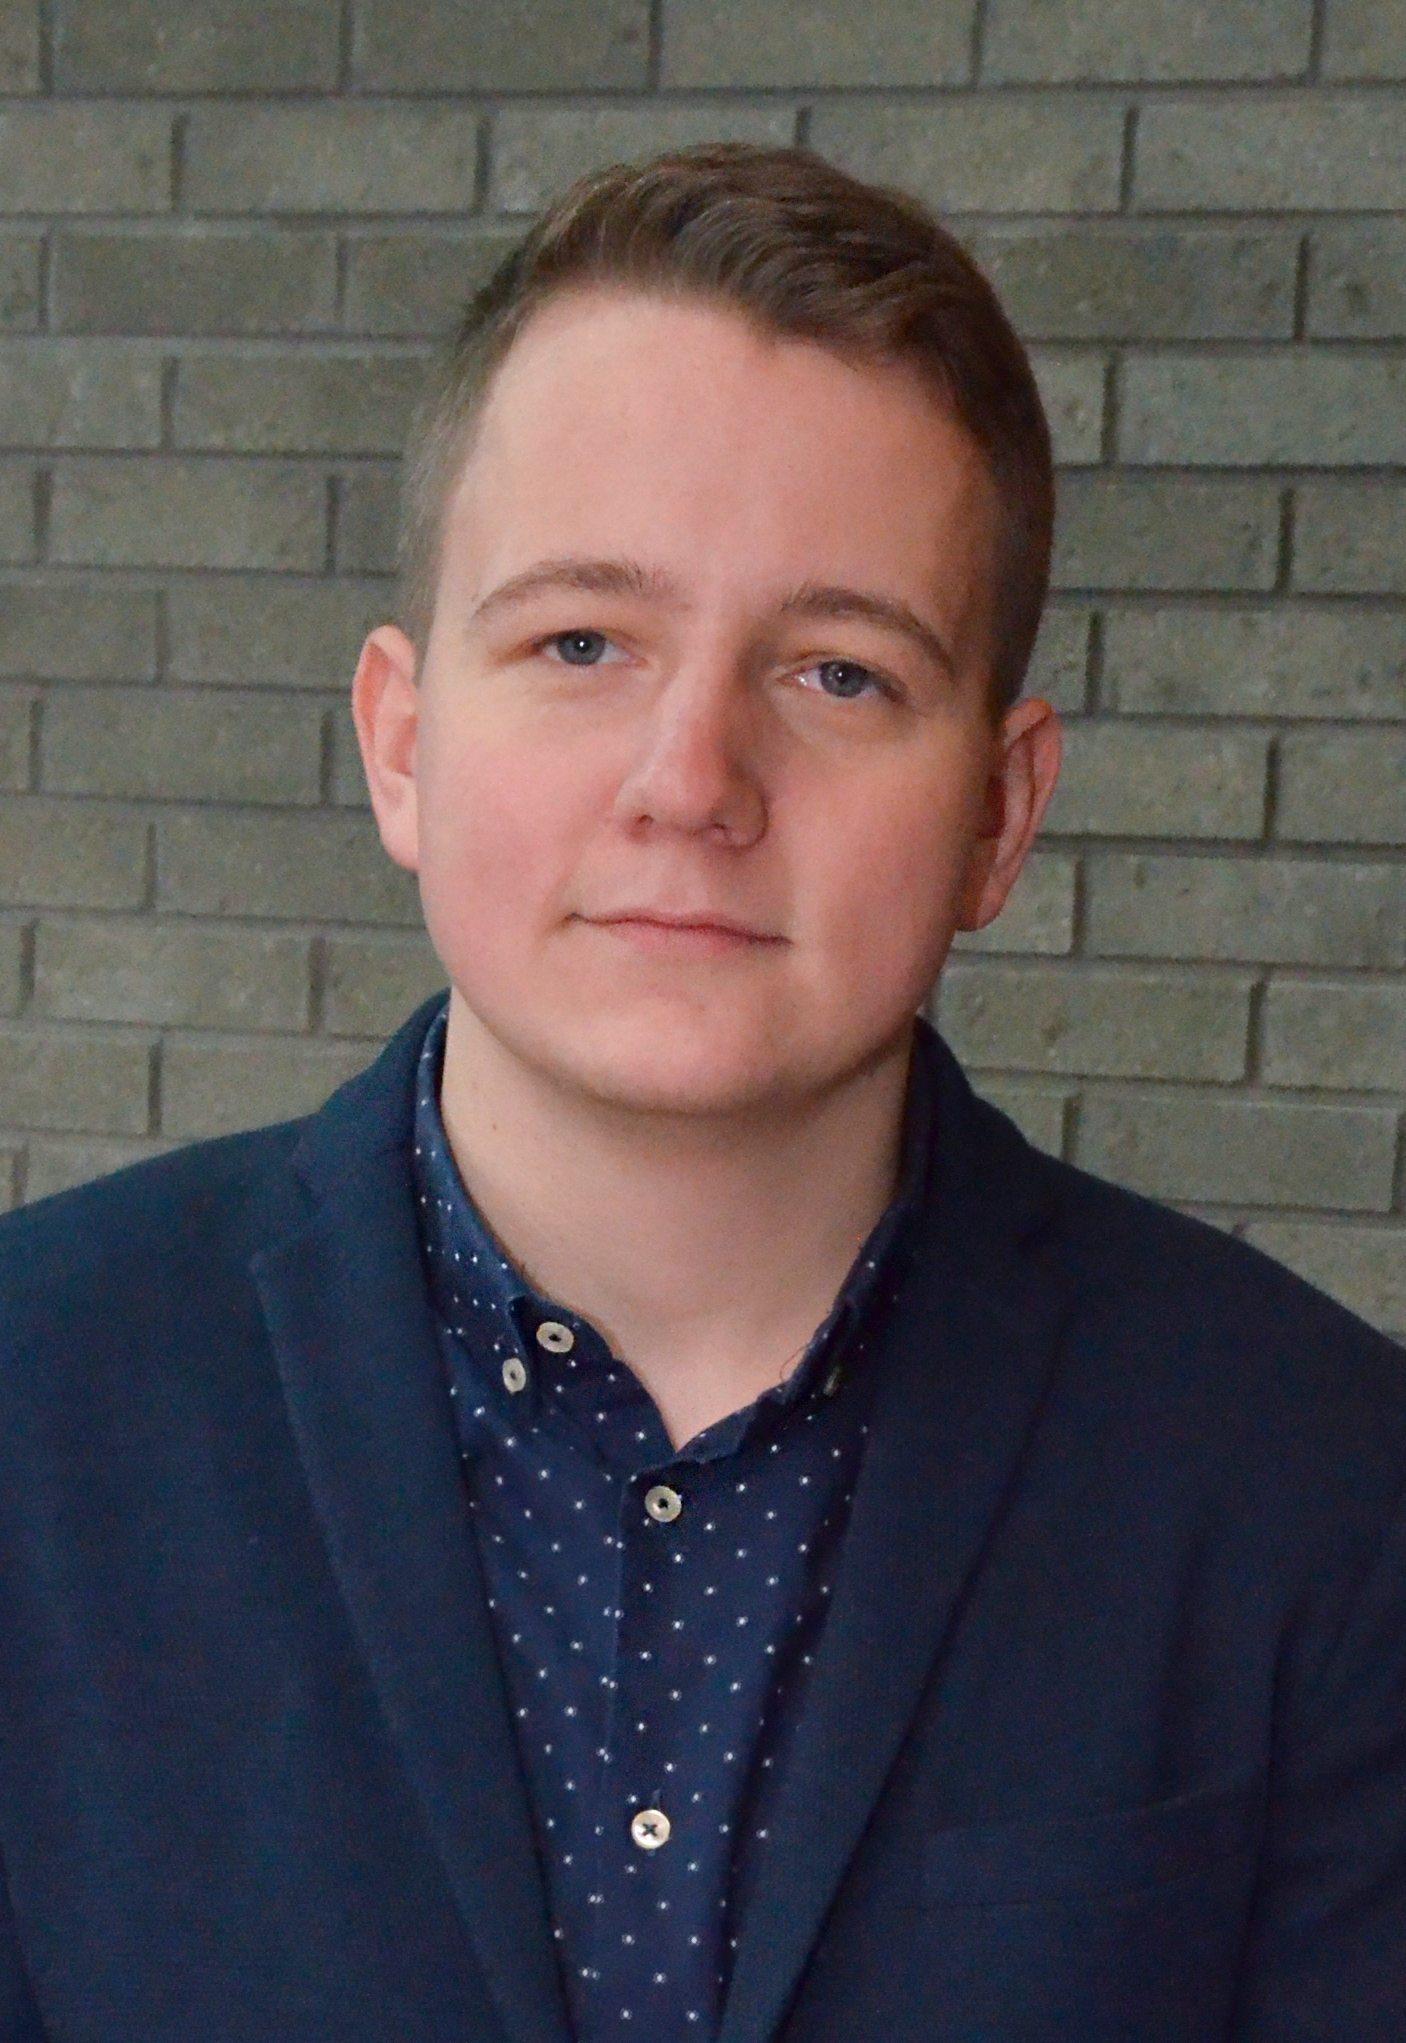 Damian Salkowski